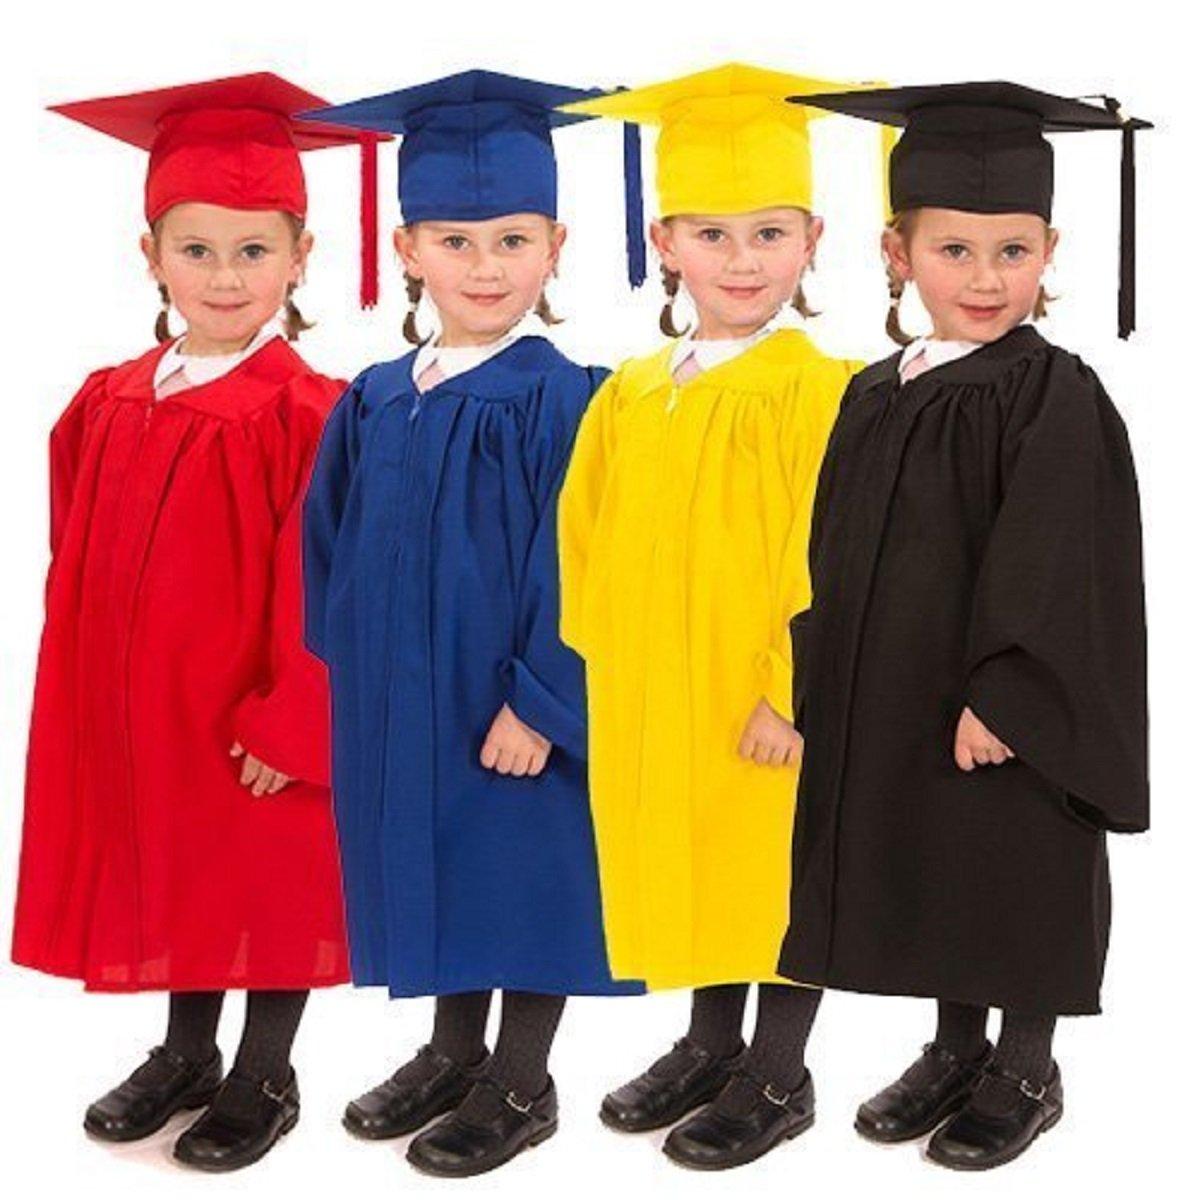 b667d1d5a29 Buy Fancydresswale Convocation Gown Graduation Dress ( Black